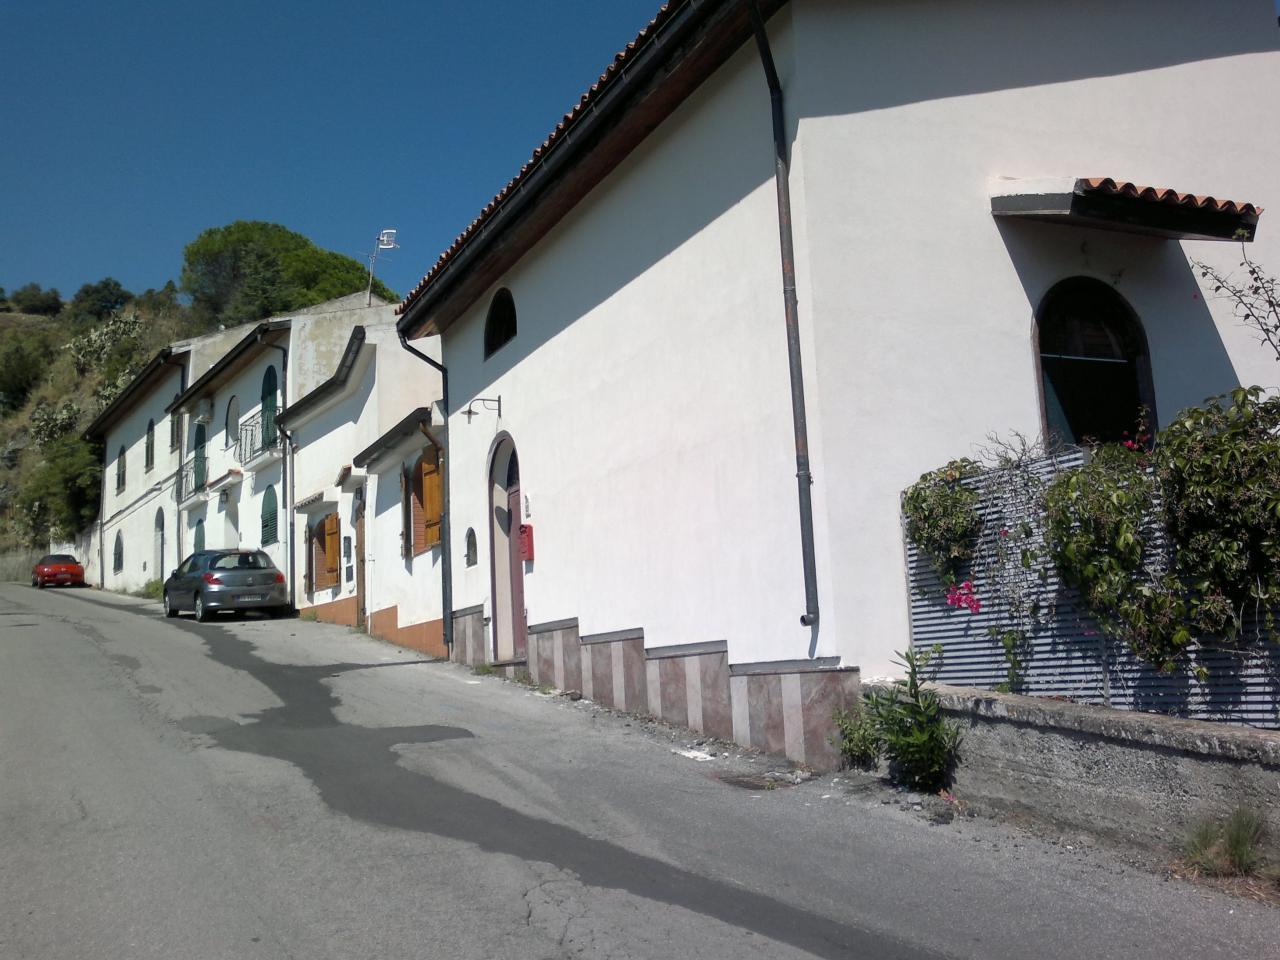 Villa in Vendita a Savoca: 5 locali, 150 mq